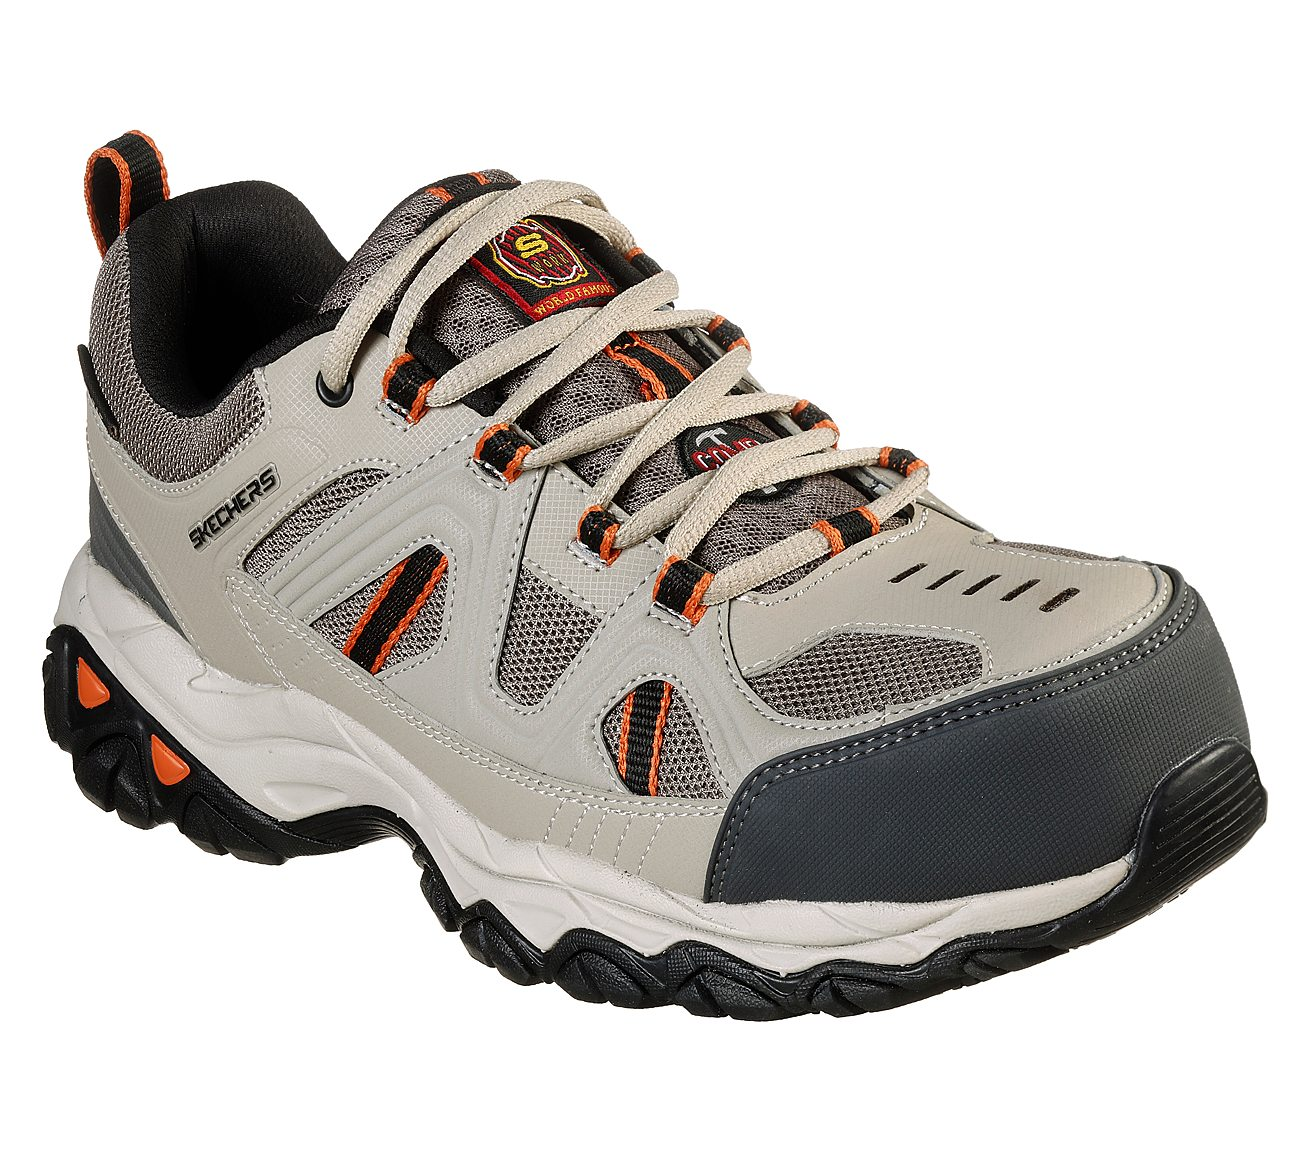 Skechers Work 77532 TPOR Composite Toe